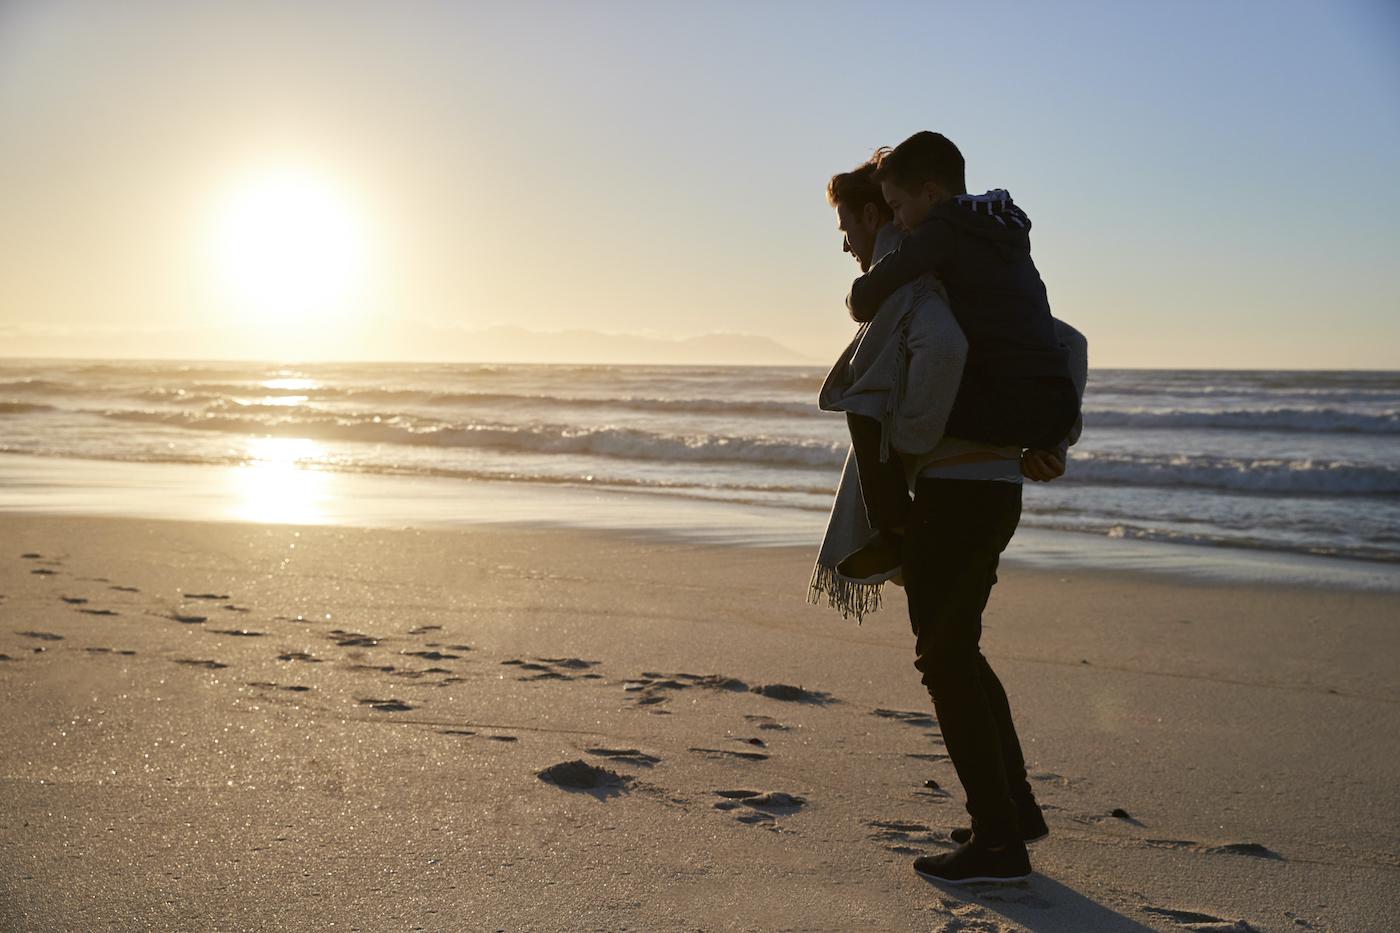 Ein vollgepackter Mensch mit Rucksack läuft am Strand entlang